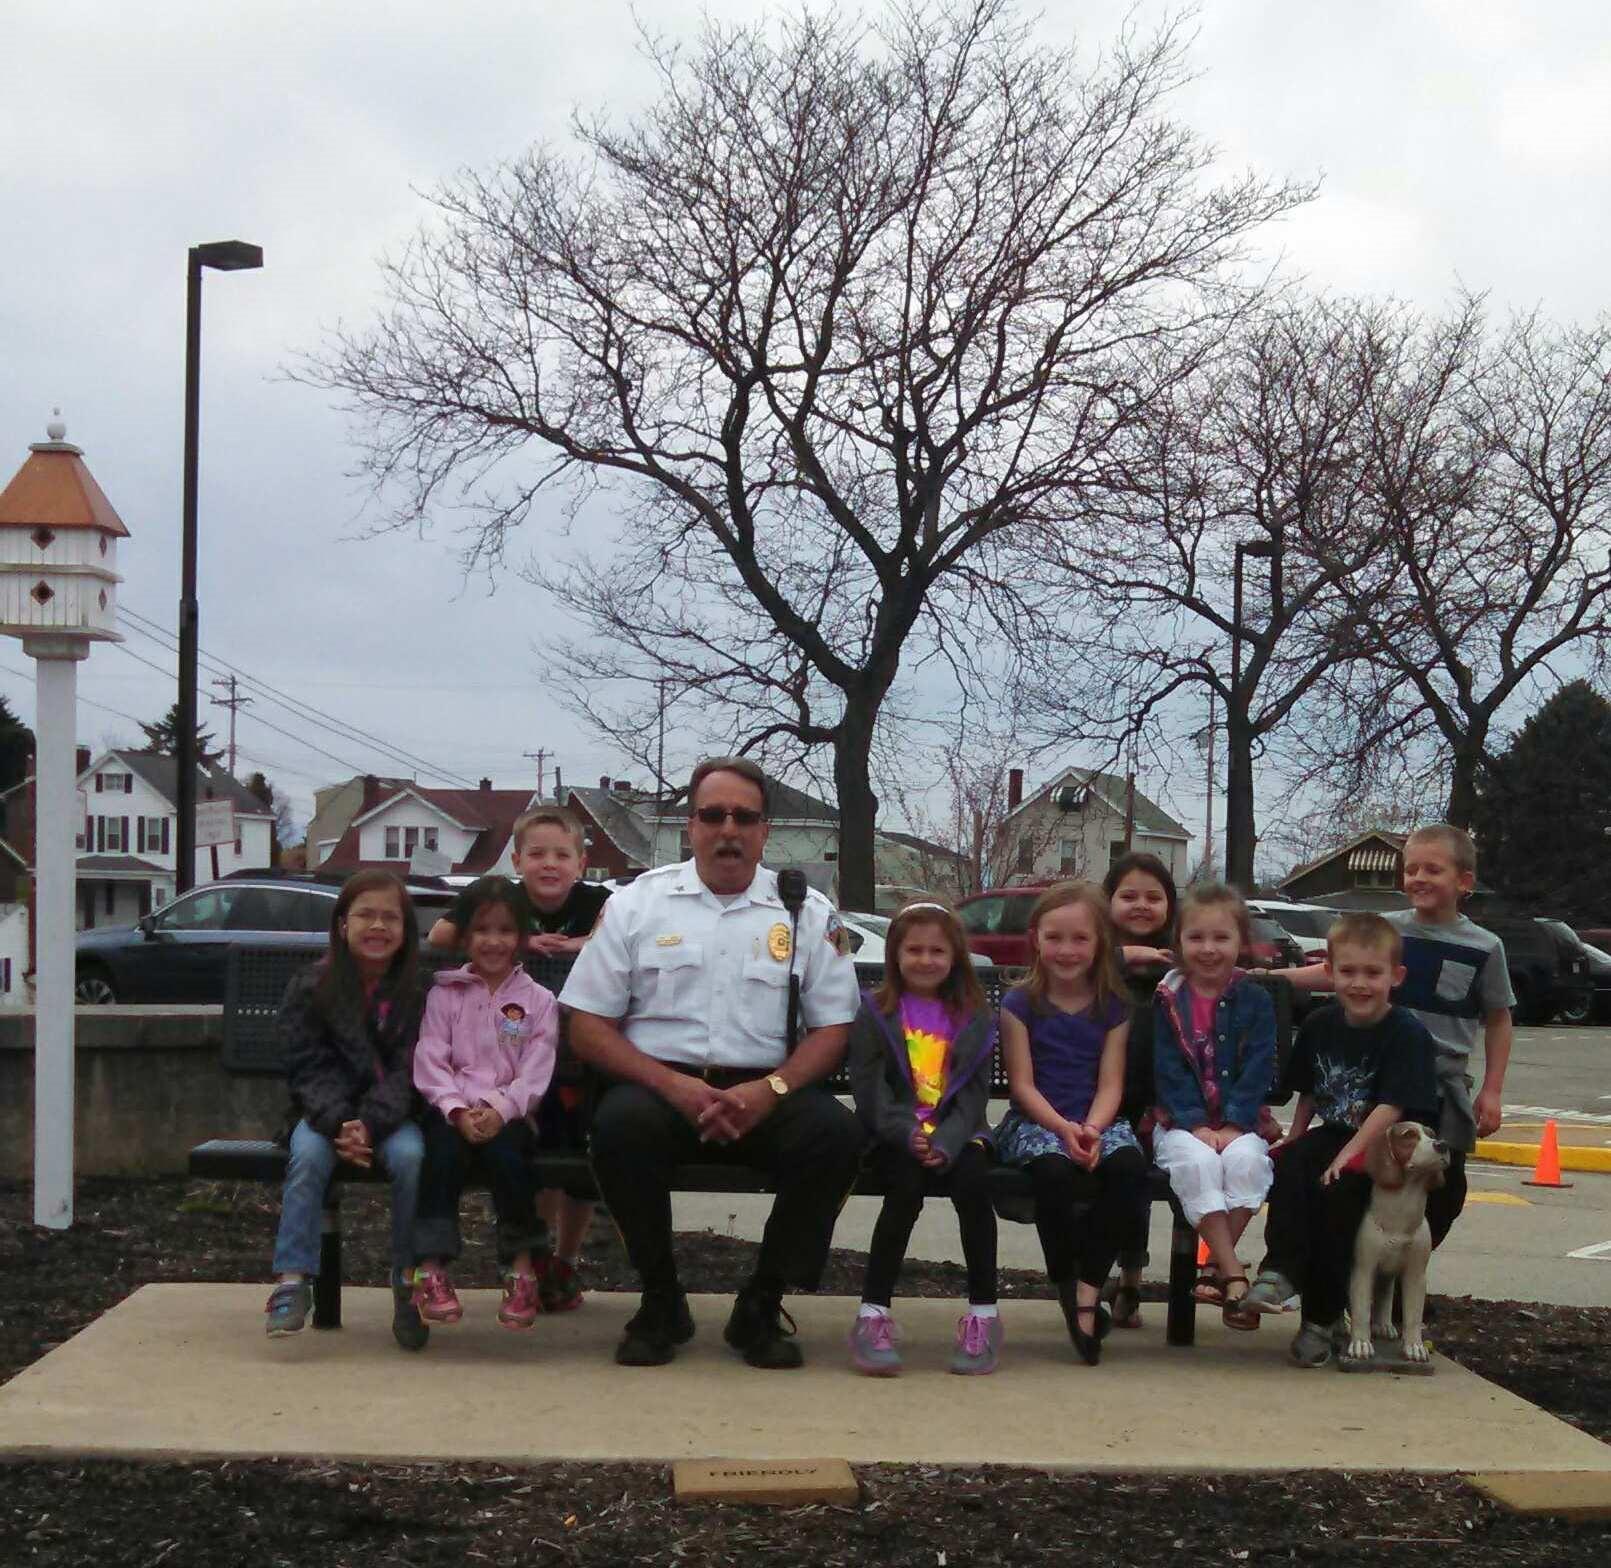 Chief Boory visits at Recess